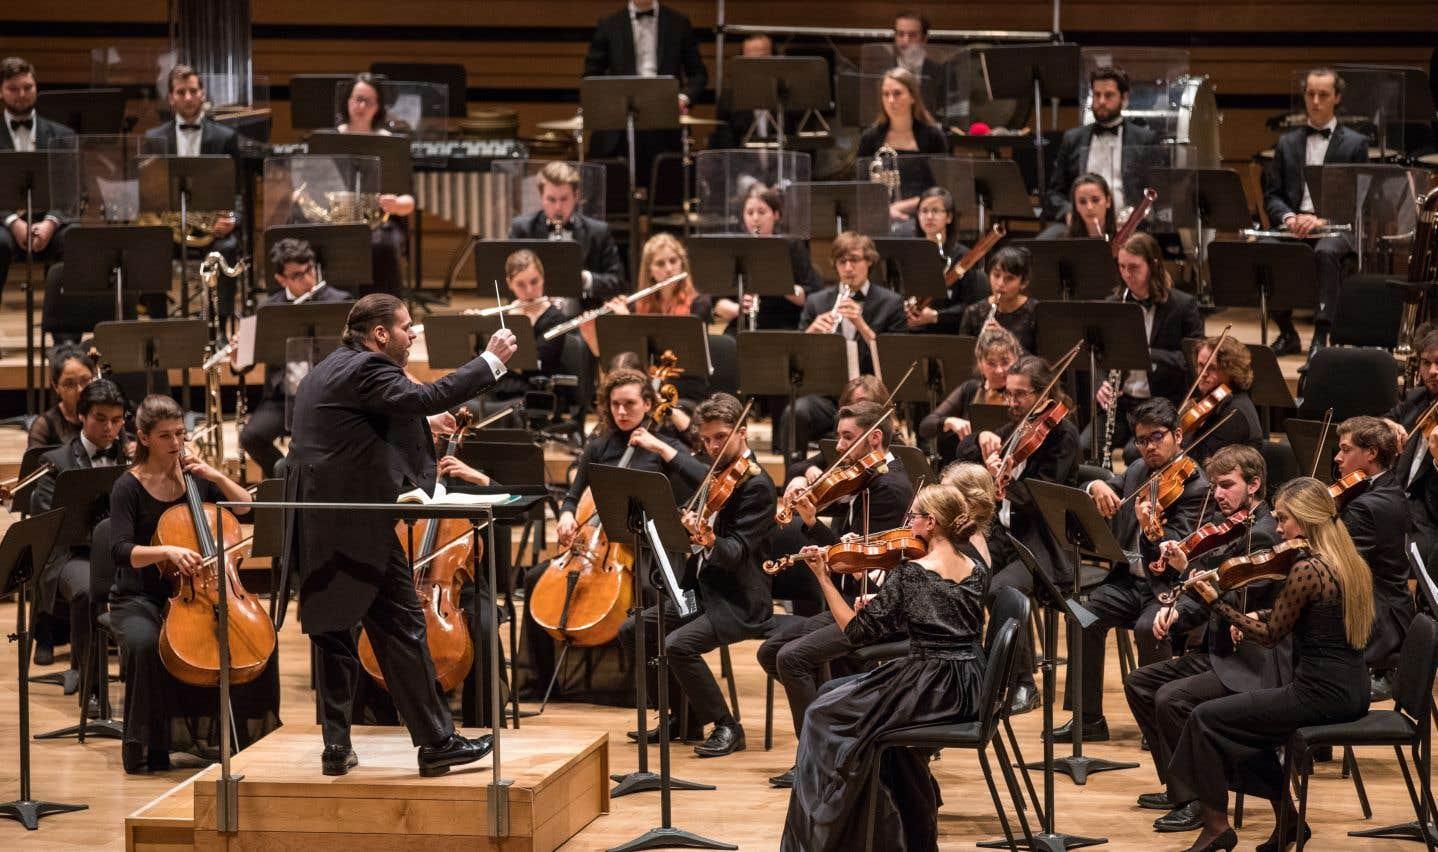 L'Orchestre du Conservatoire et Jean-Marie Zeitouni sous les ovations de Vasily Petrenko